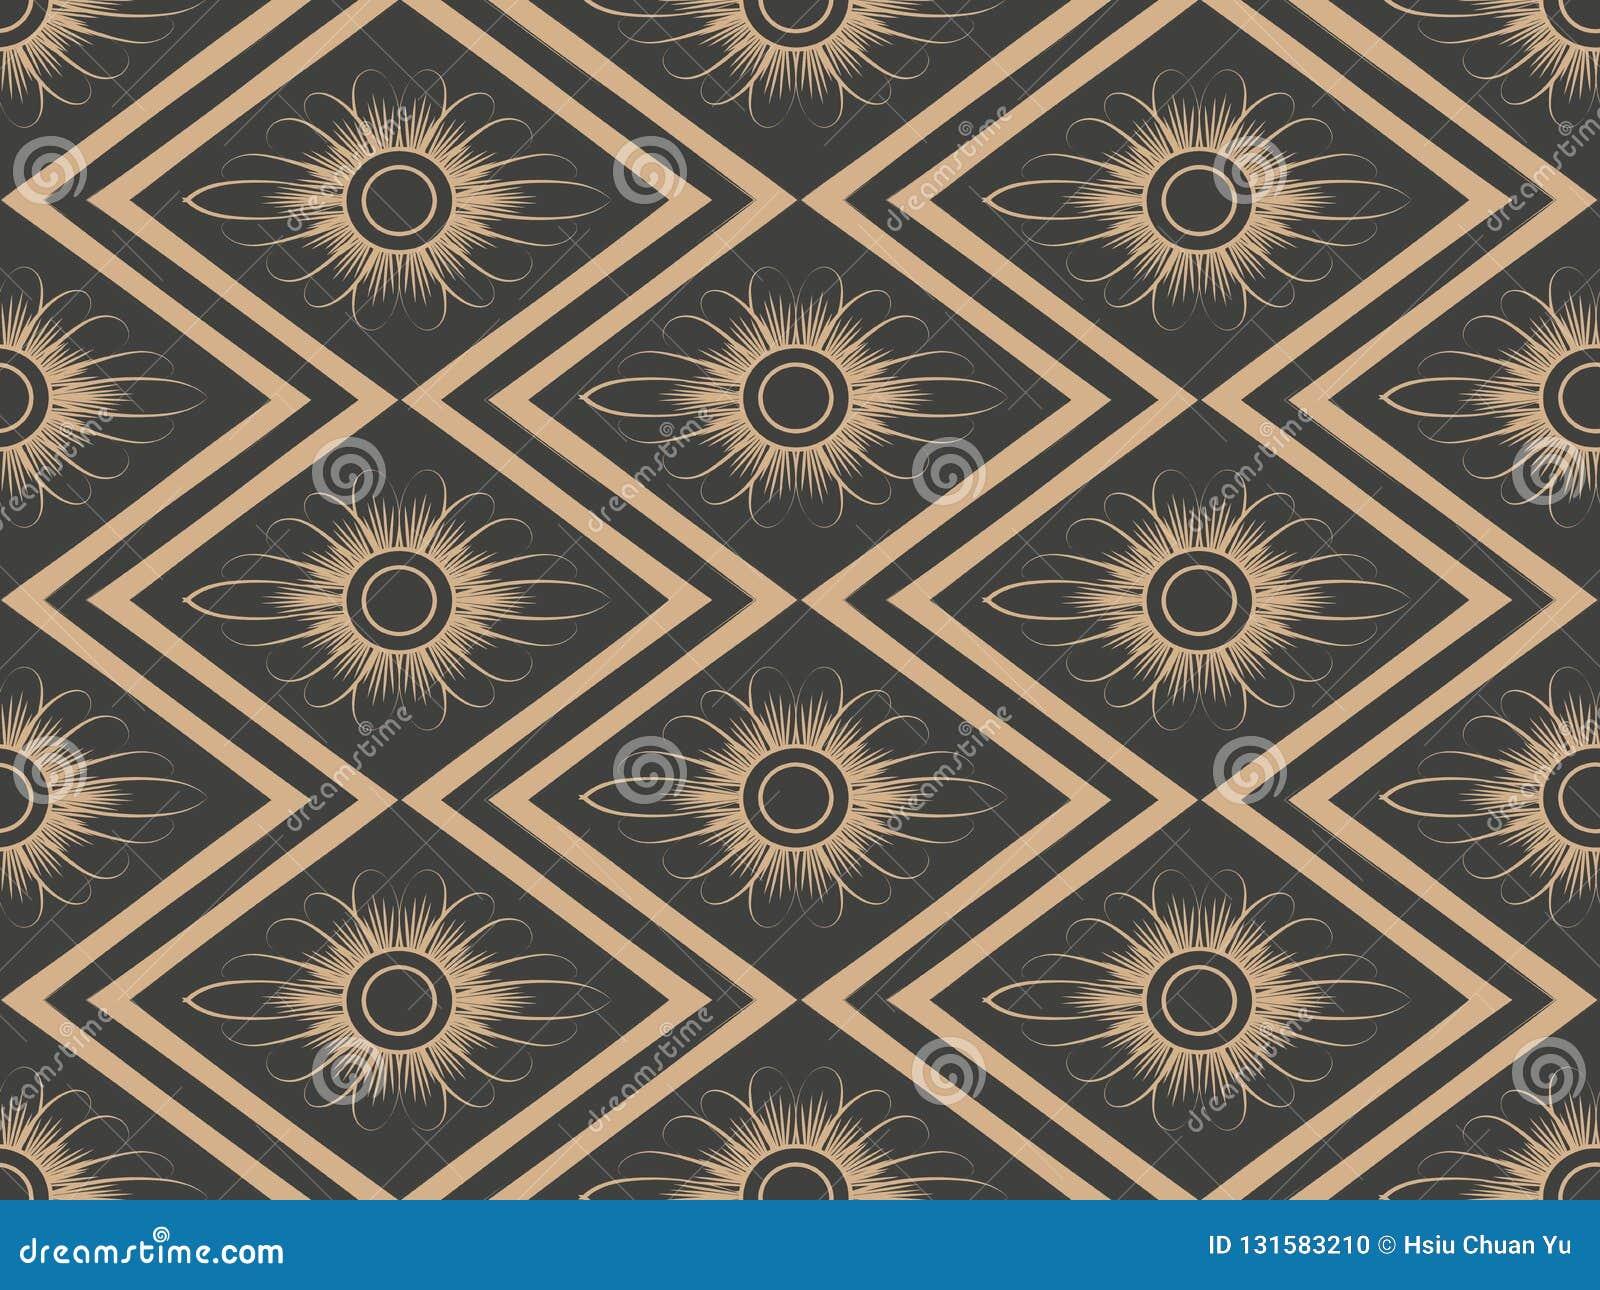 De vector van de van het achtergrond damast naadloze retro patroon bloem van het de meetkunde dwarskader controleruit Het elegant